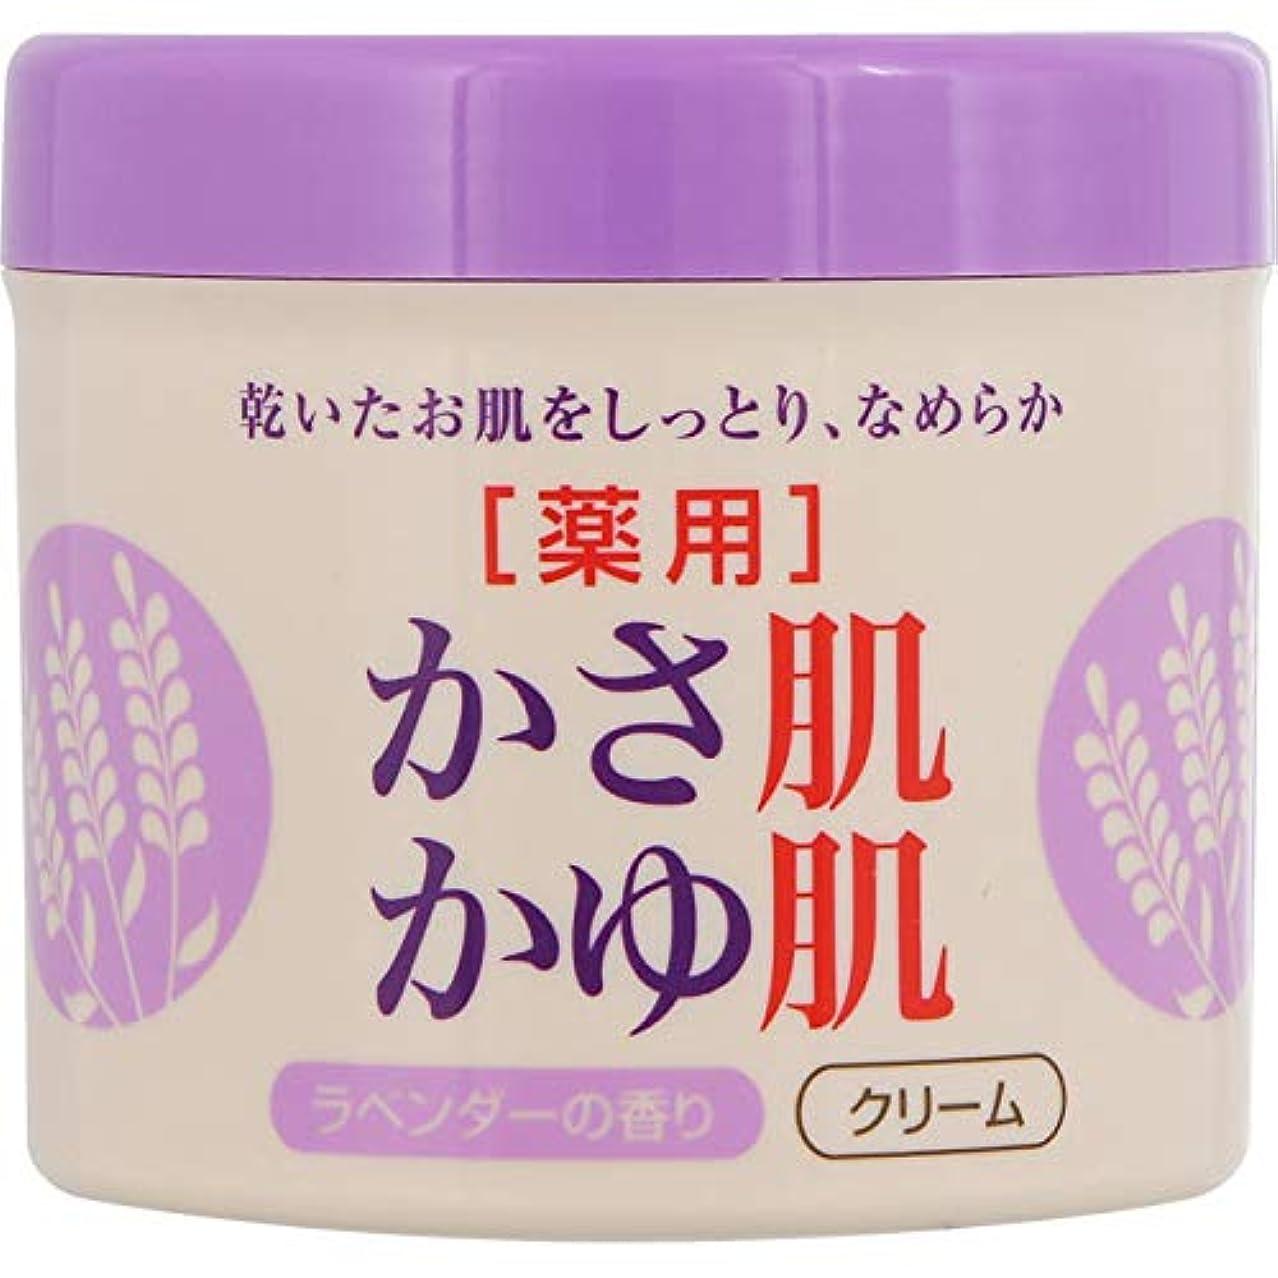 ウェーハ感謝する硬さMK 薬用かさ肌かゆ肌ミルキークリーム ラベンダー 280g (医薬部外品)